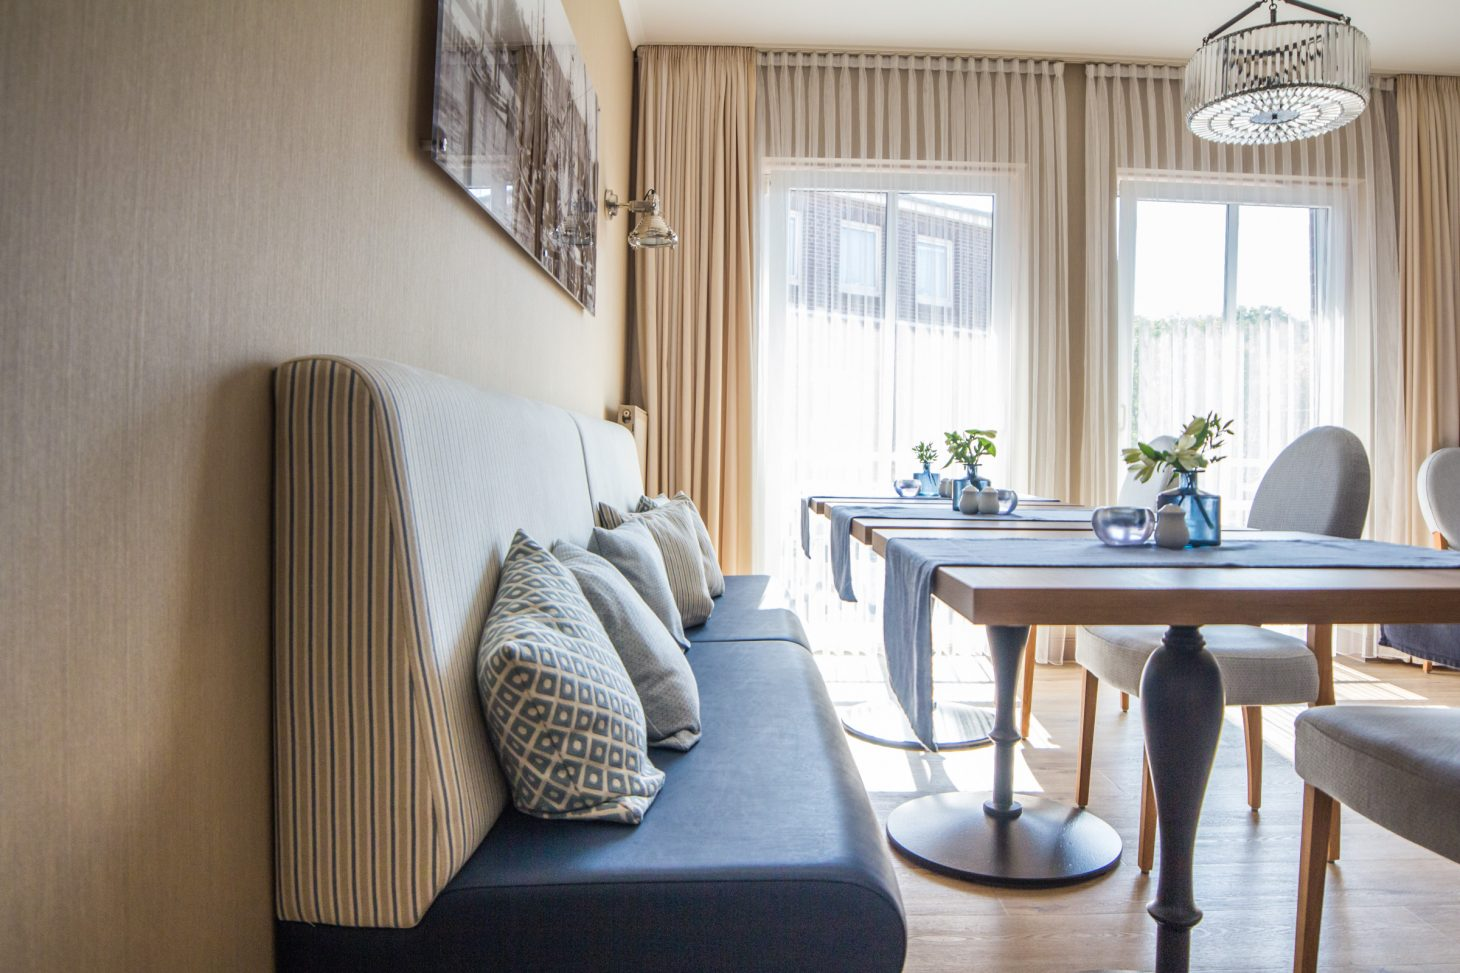 hotel-janssen-2016-09-14-013